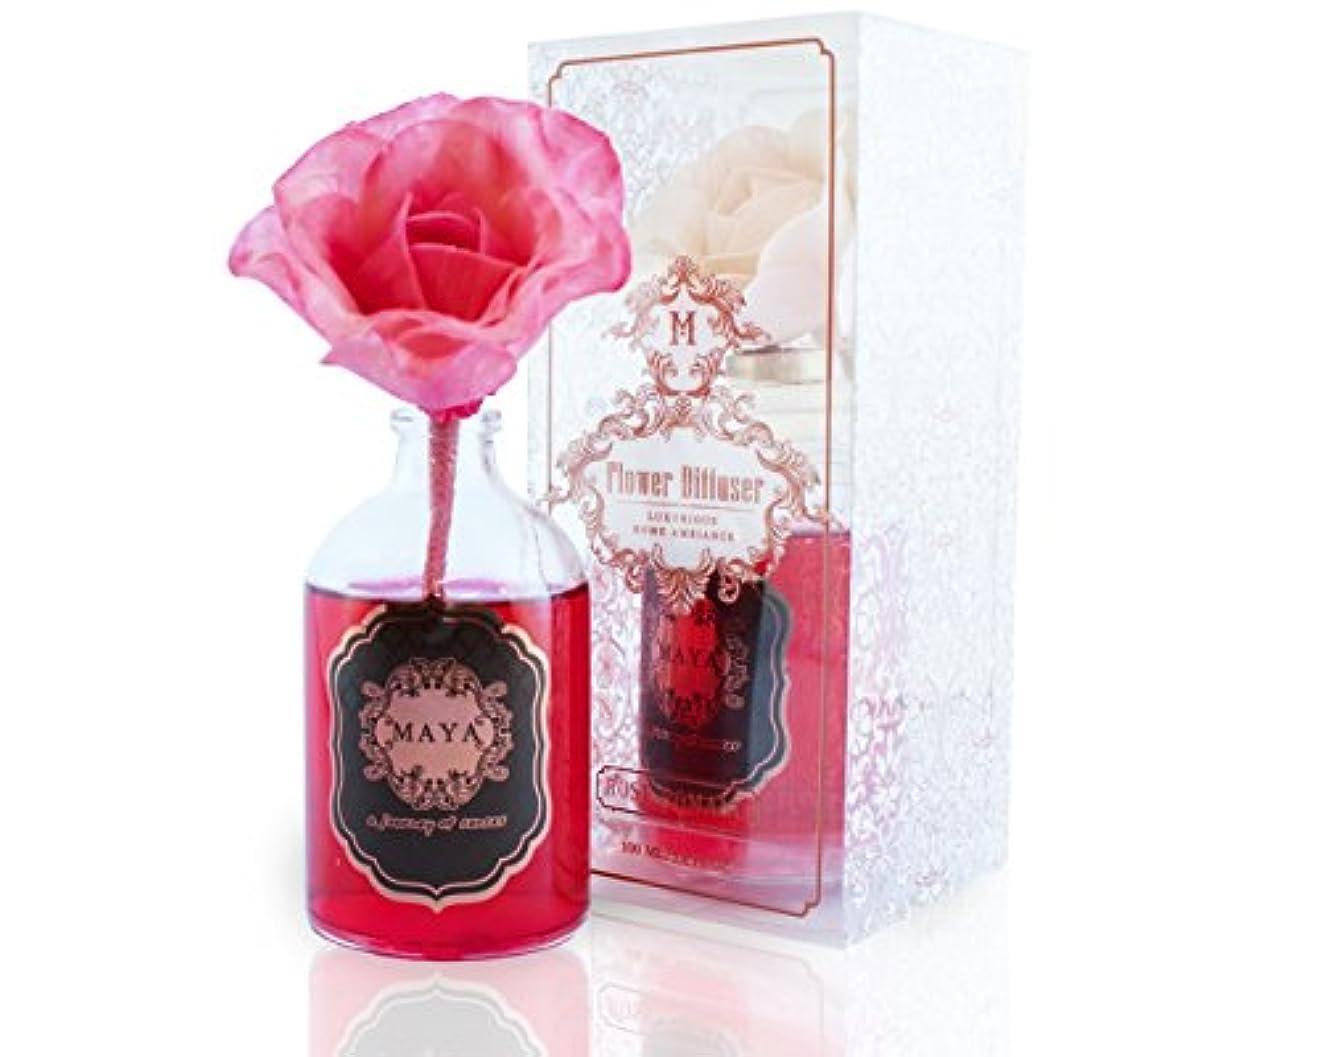 タイマー洗練された恐れるMAYA フラワーディフューザー ローズロマンス 100ml [並行輸入品] |Aroma Flower Diffuser - Rose Romance 100ml